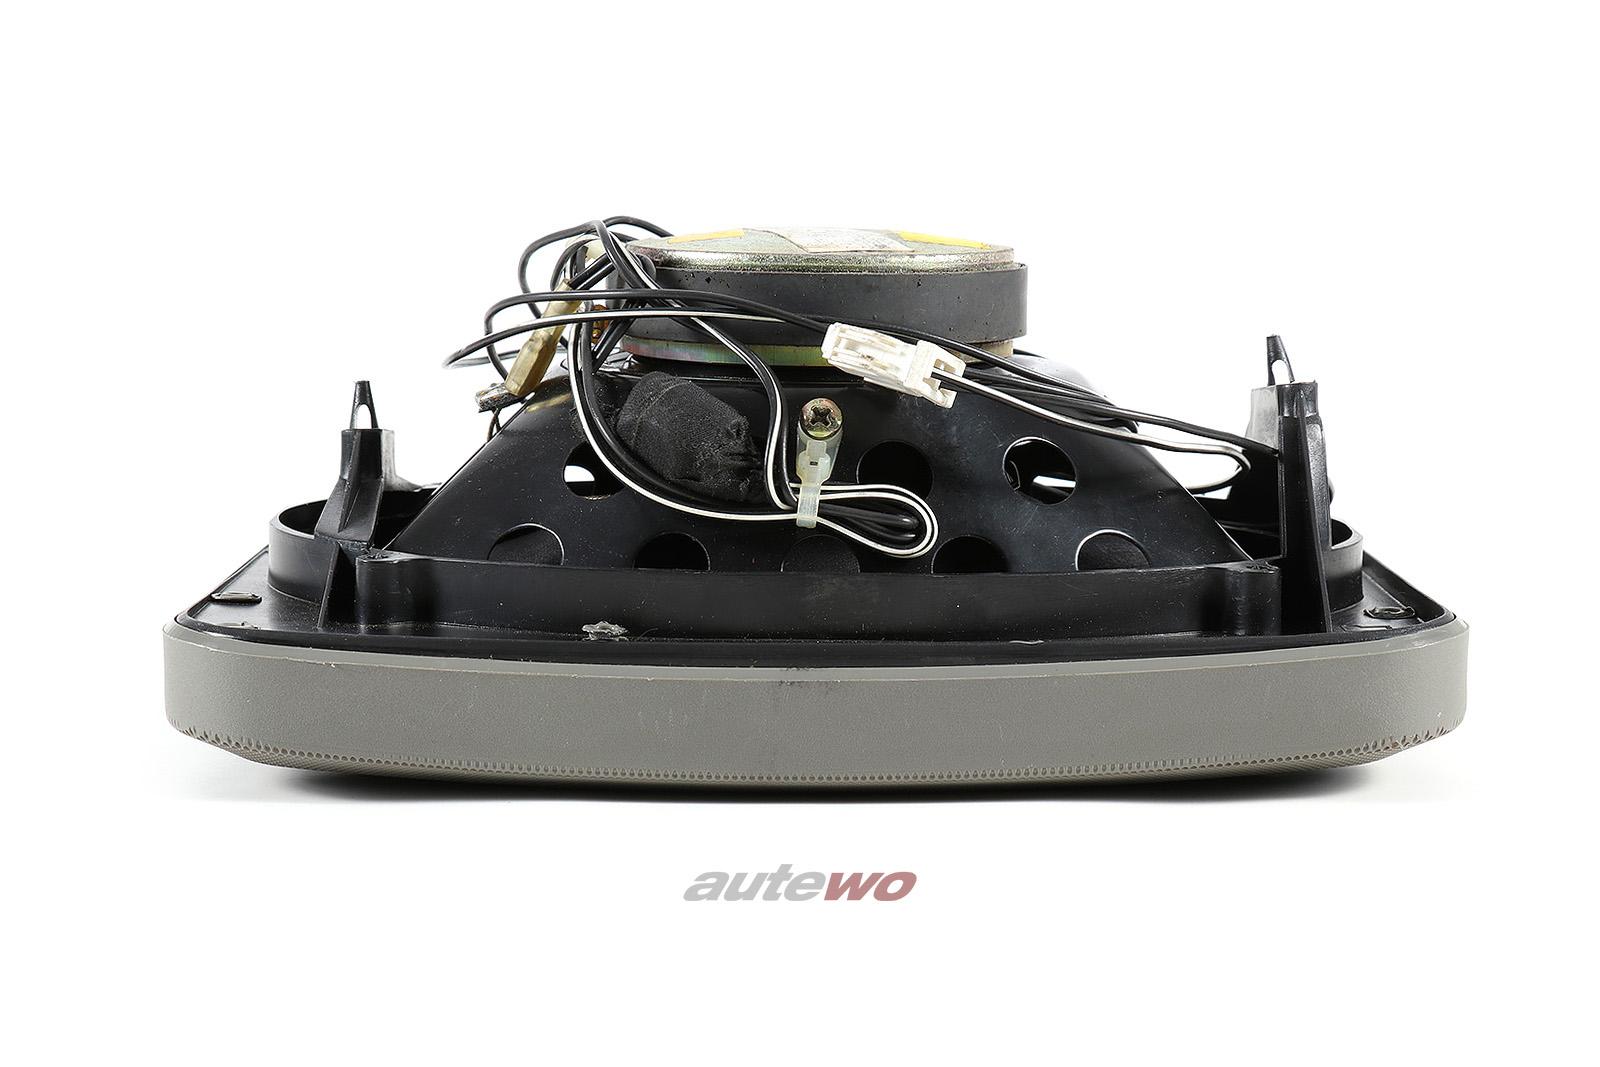 4A5035402C Audi 100/S4/A6/S6 C4 Lautsprecher BOSE-Soundsystem Hinten Rechts platin